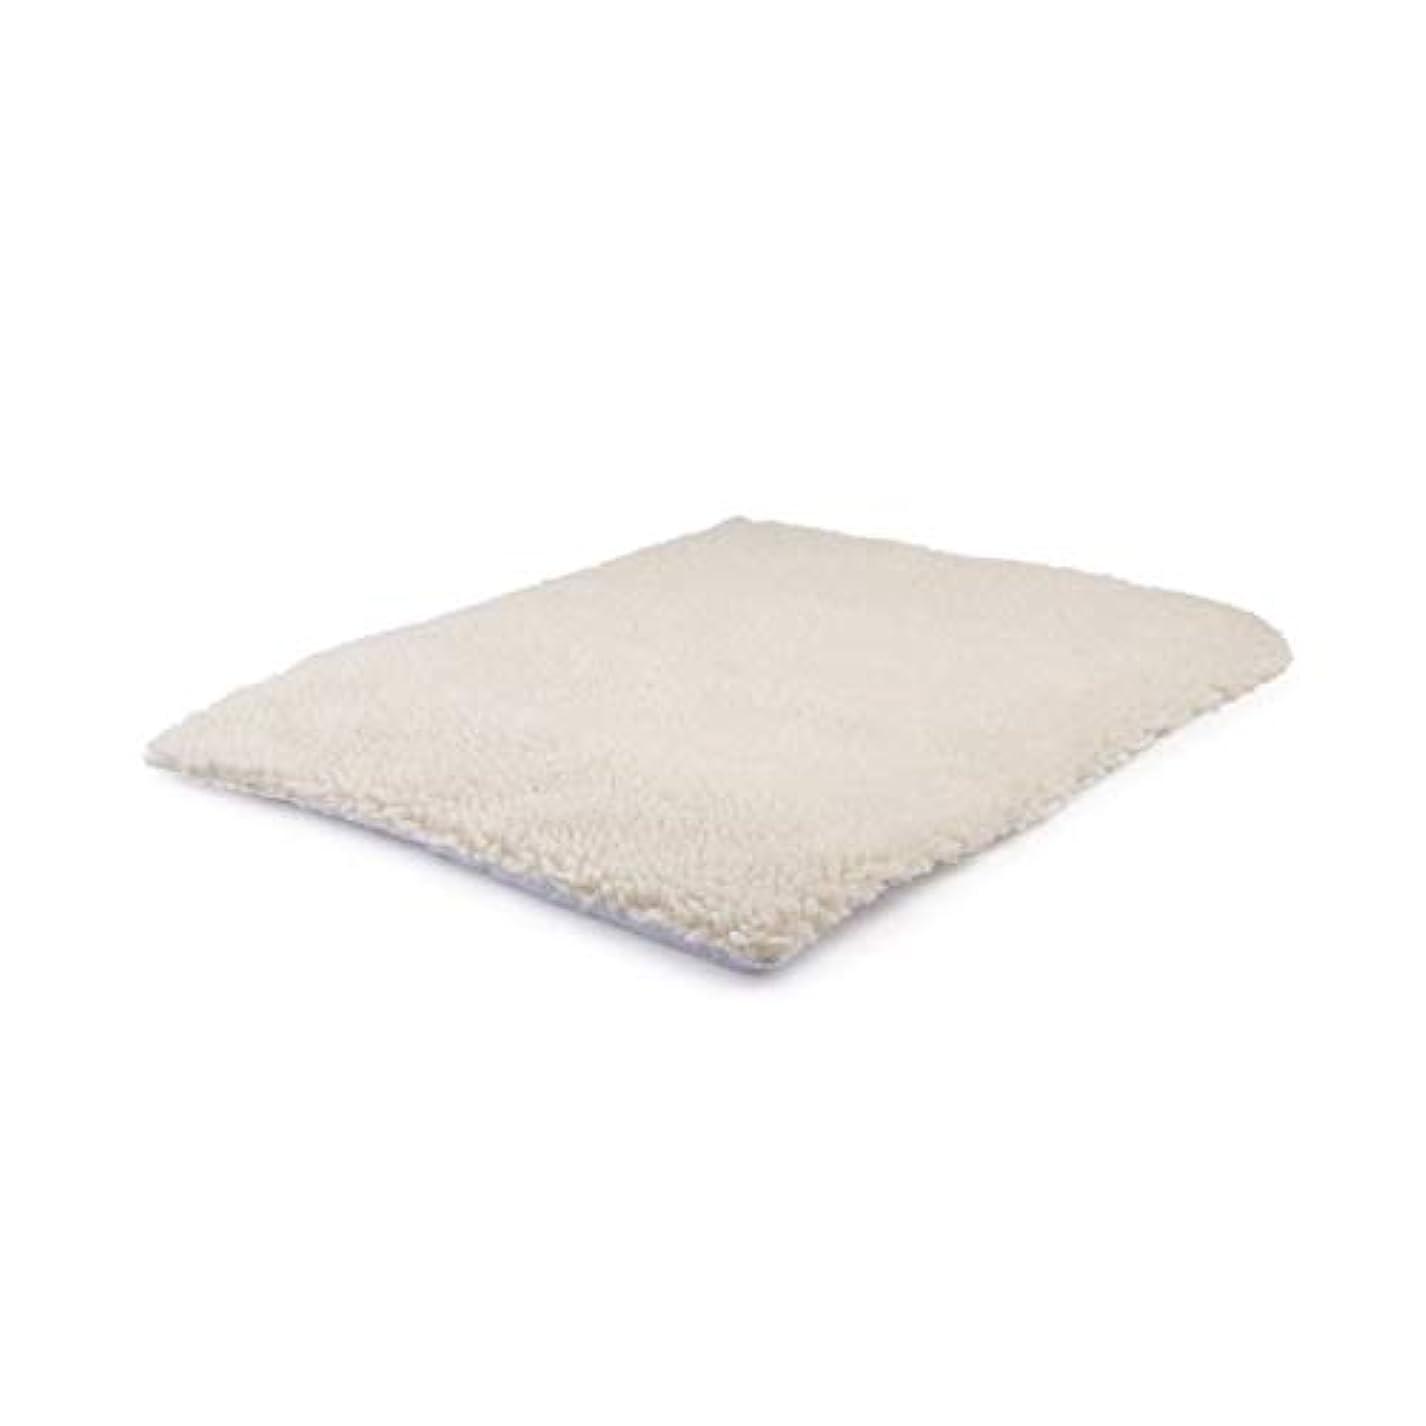 エンジン枝蒸発Saikogoods 自己発熱ペット毛布 ペットベッド ウォッシャブル ノーエレクトリック スーパーソフト 子犬子猫毛布 ベッドマット ベージュ 640×460mm